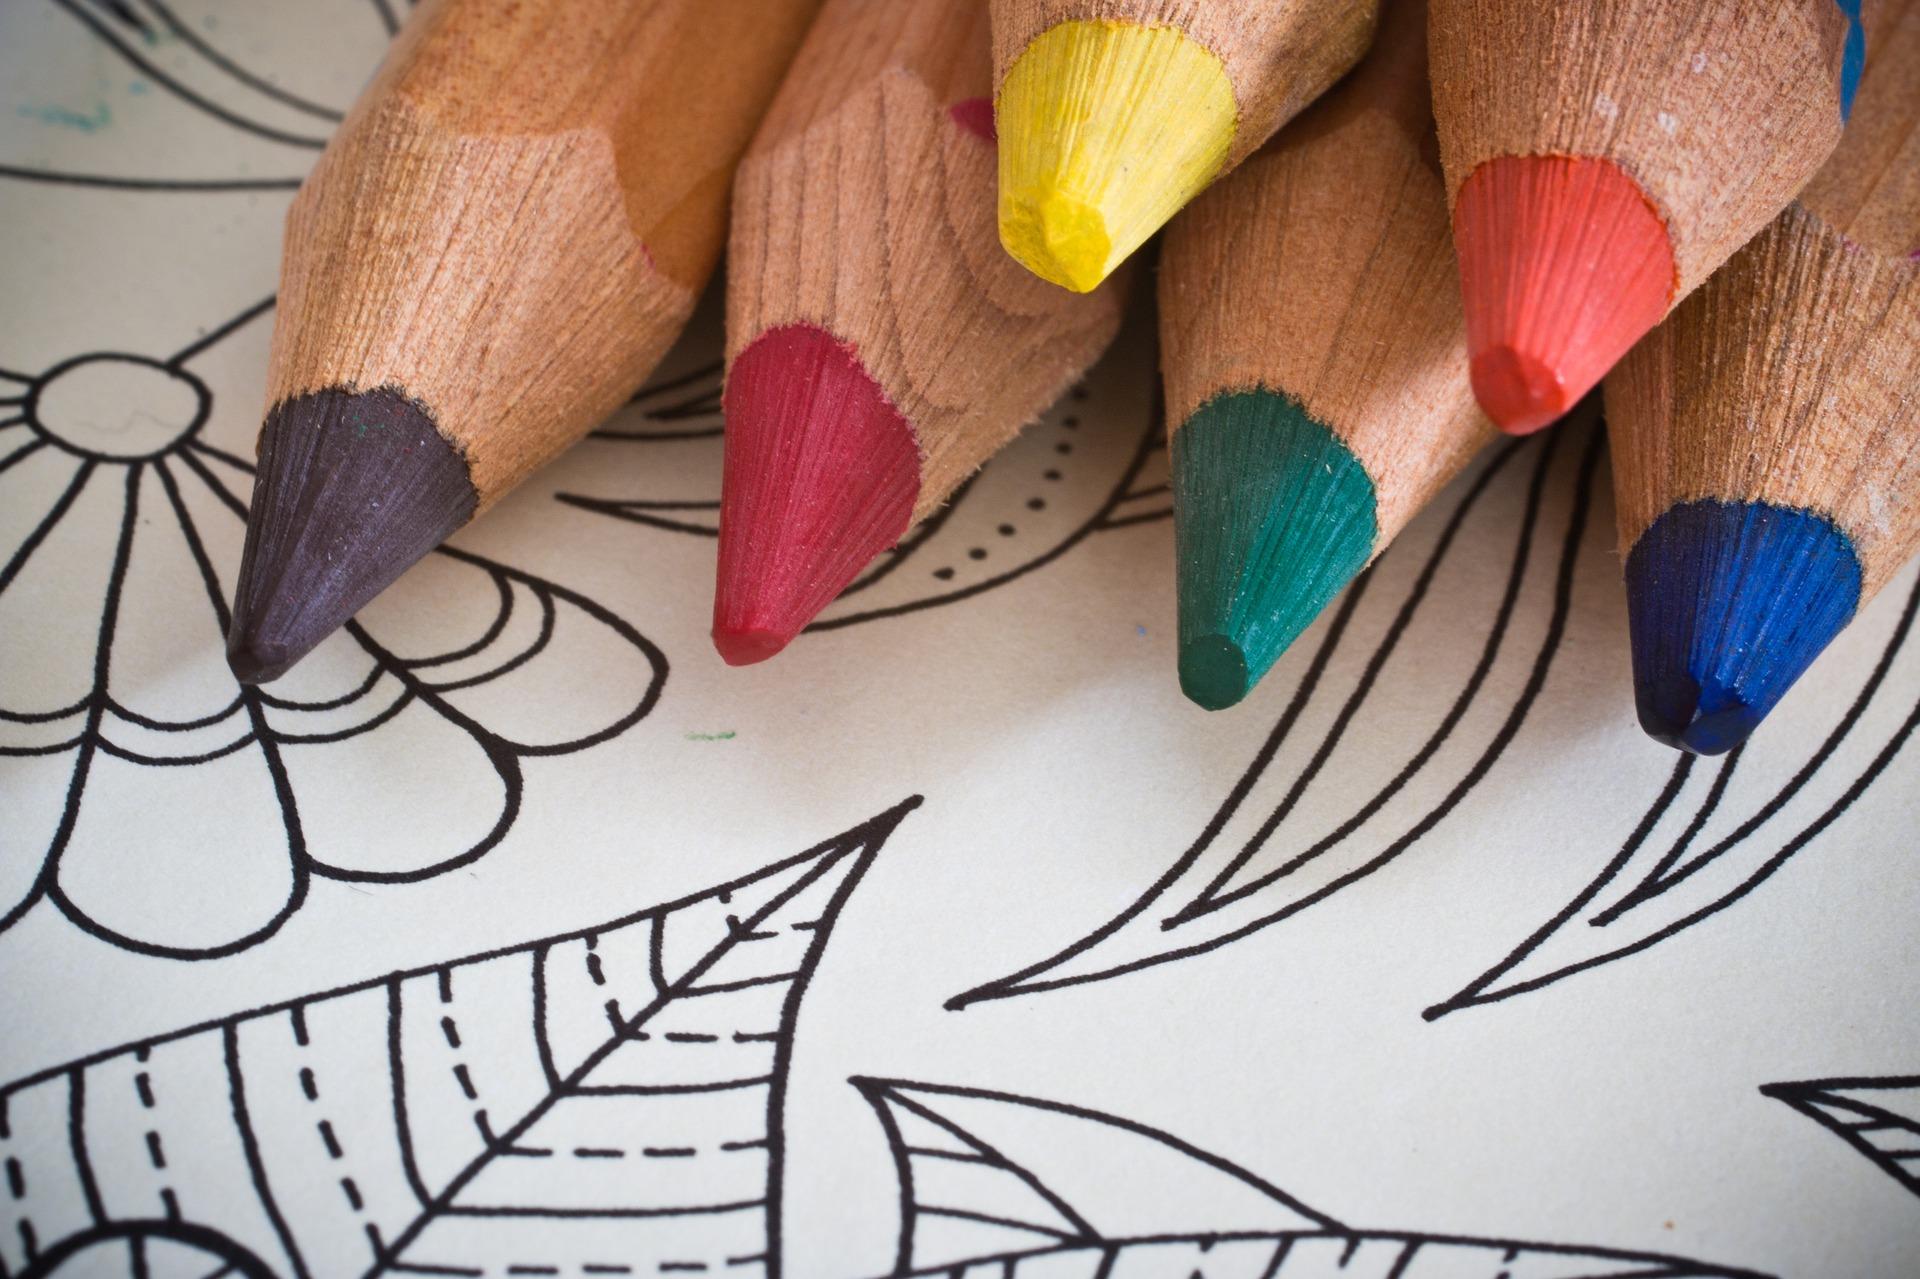 芸術療法に資格取得、さまざまなことを学べました